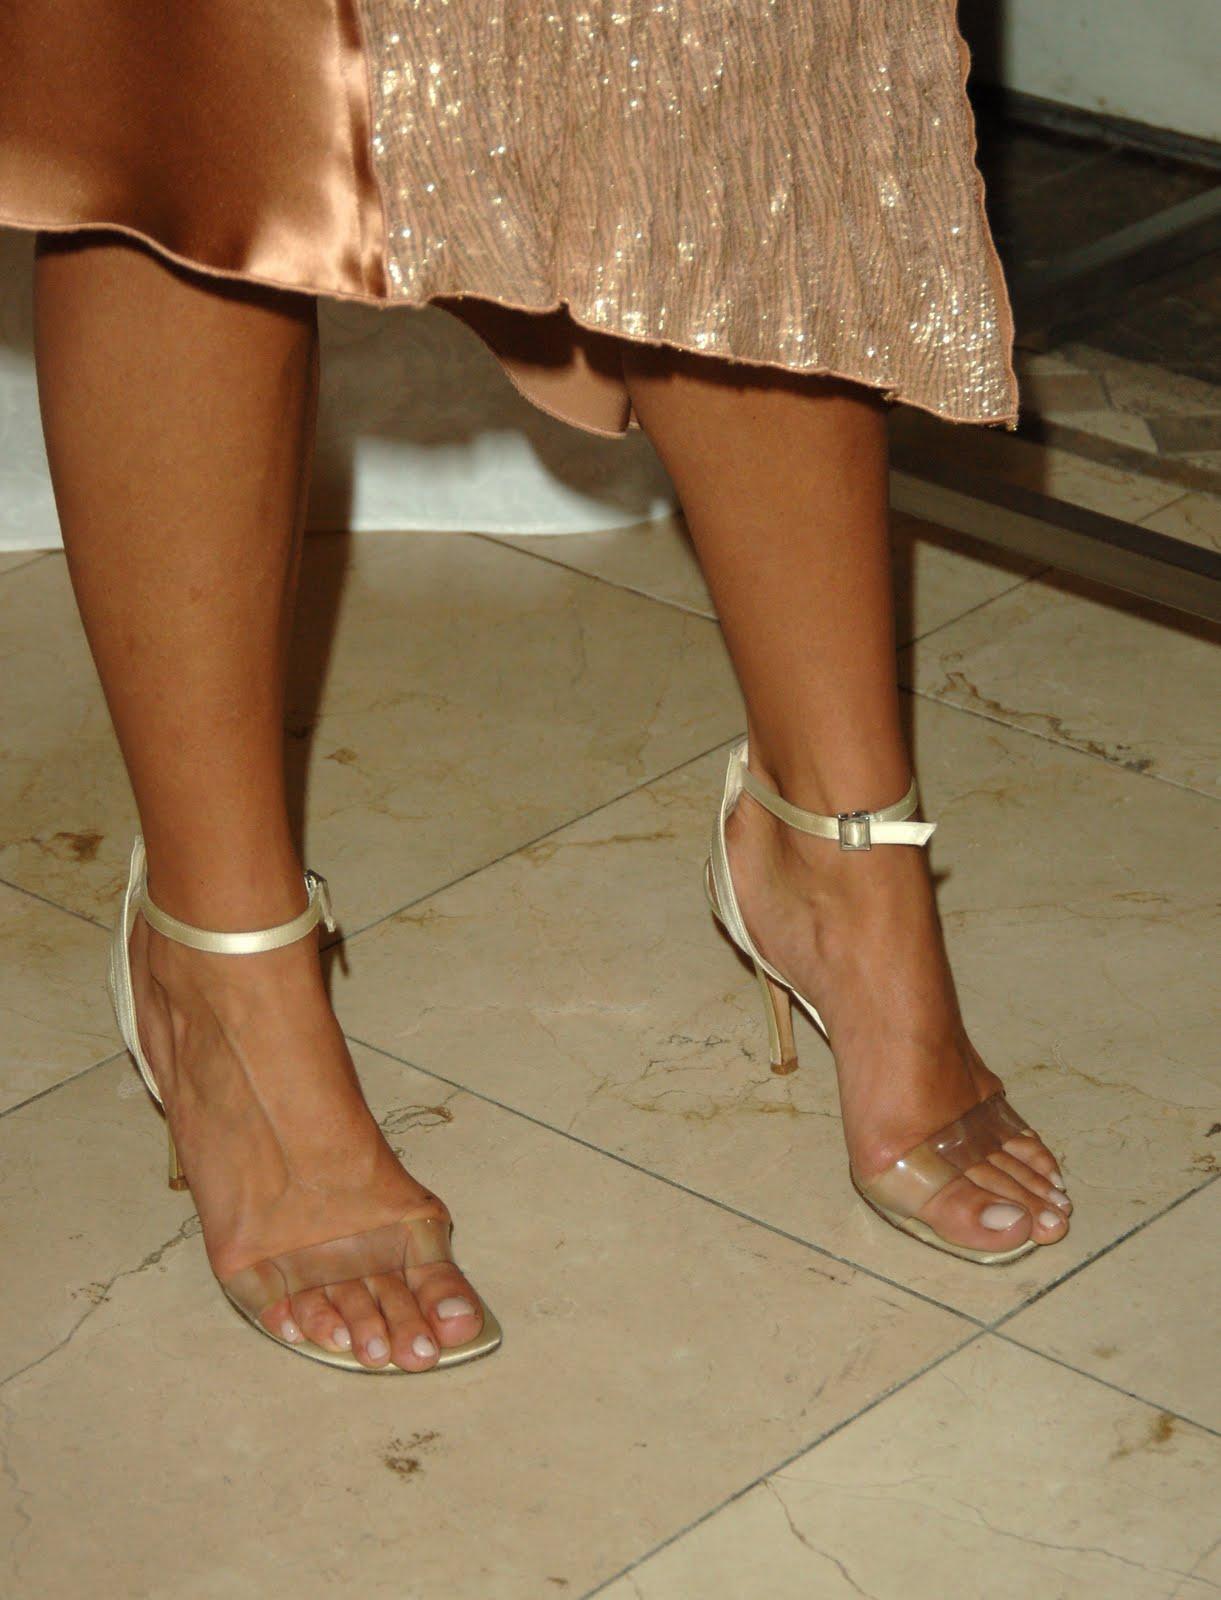 Feet nicole sheridan opinion, actual